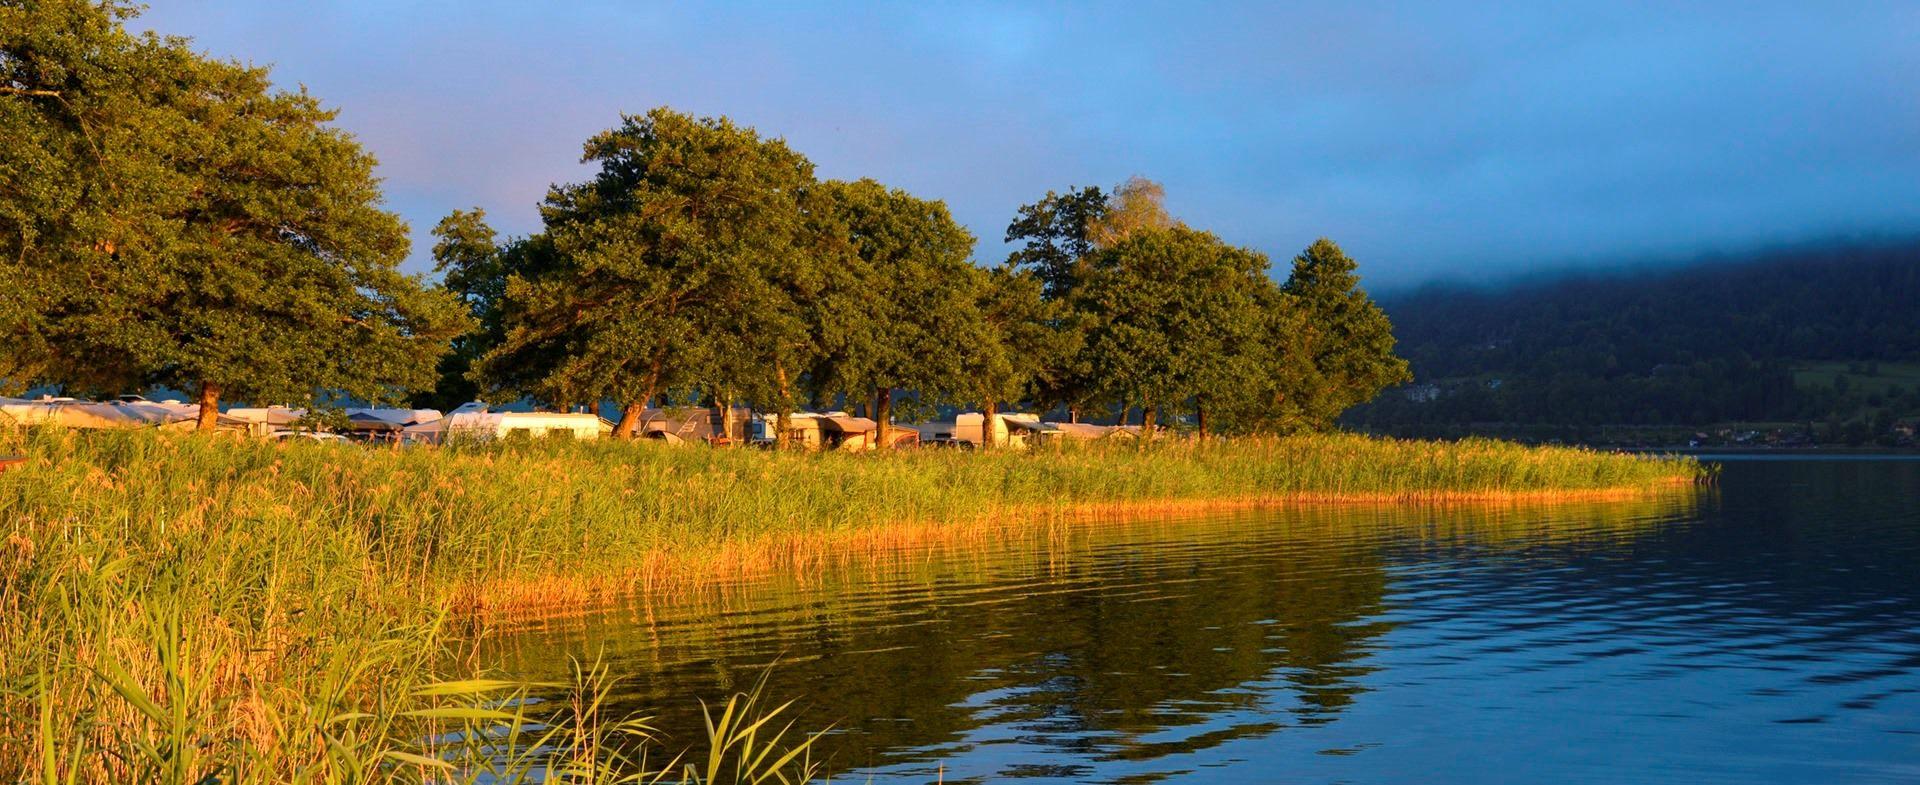 Camping in sterreich k rnten direkt am see seecamping for Ferien am see